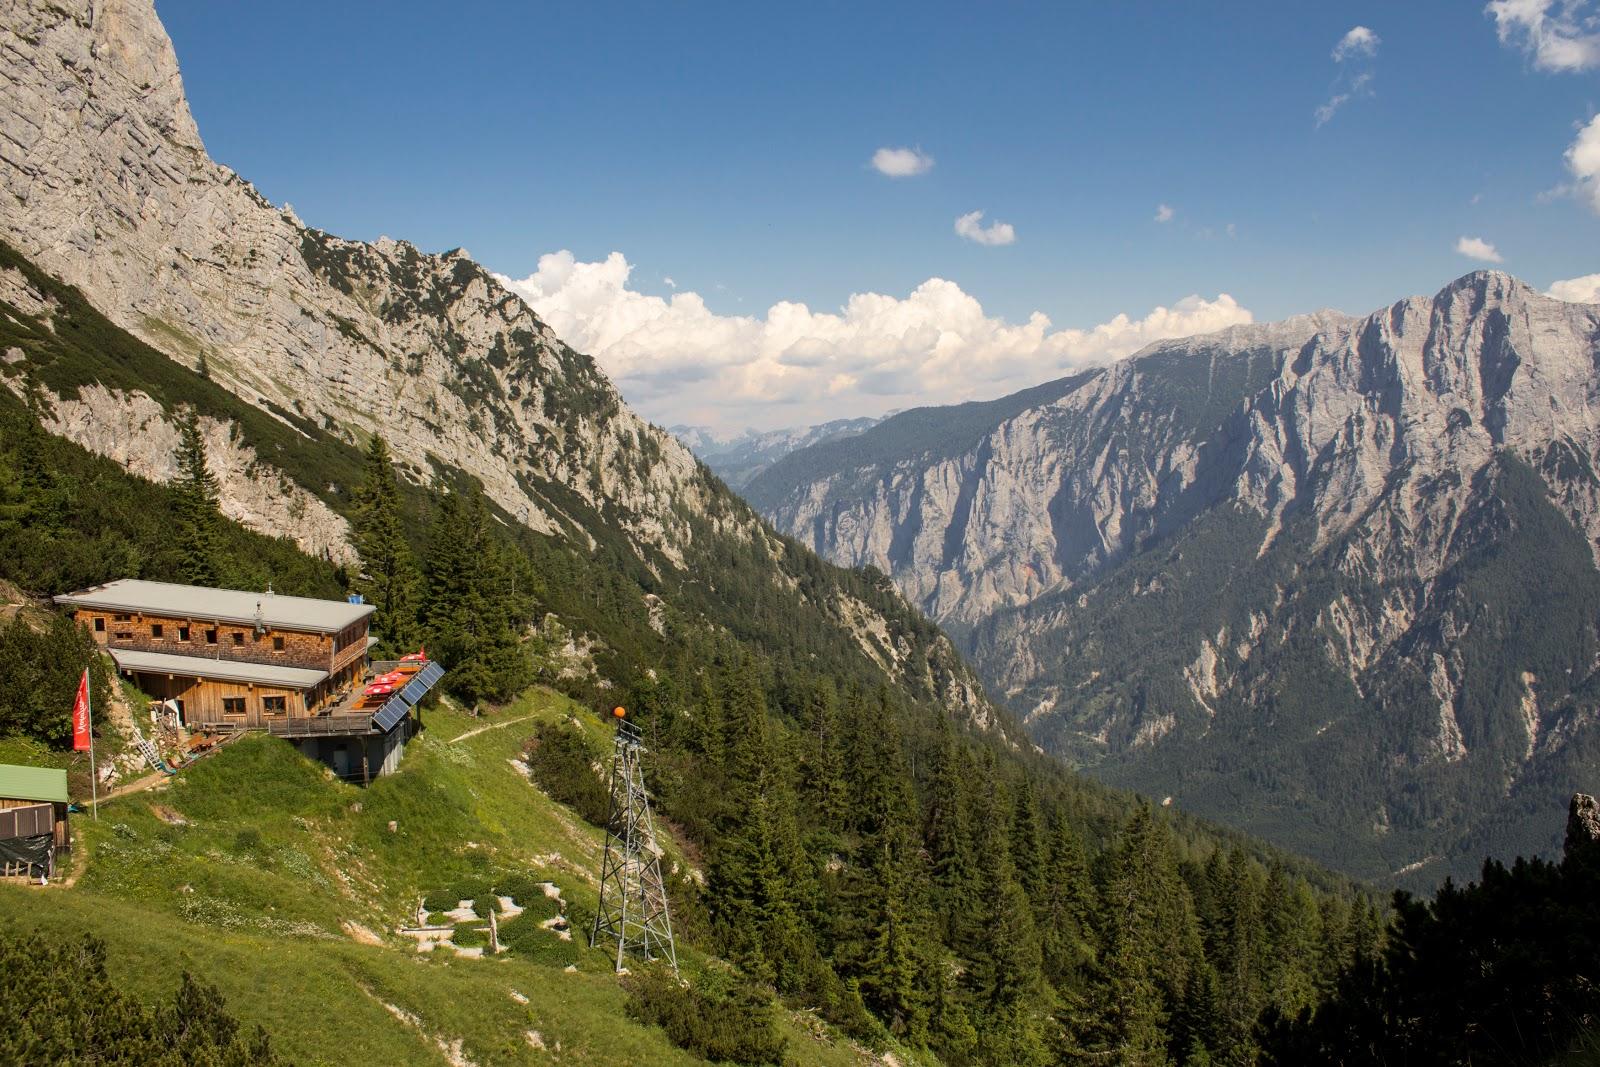 Zweitätige Wanderung im Gesäuse von Gsatterboden zum Buchsteinhaus und weiter über den Südwandband Klettersteig auf den Großen Buchstein - Buchsteinhaus